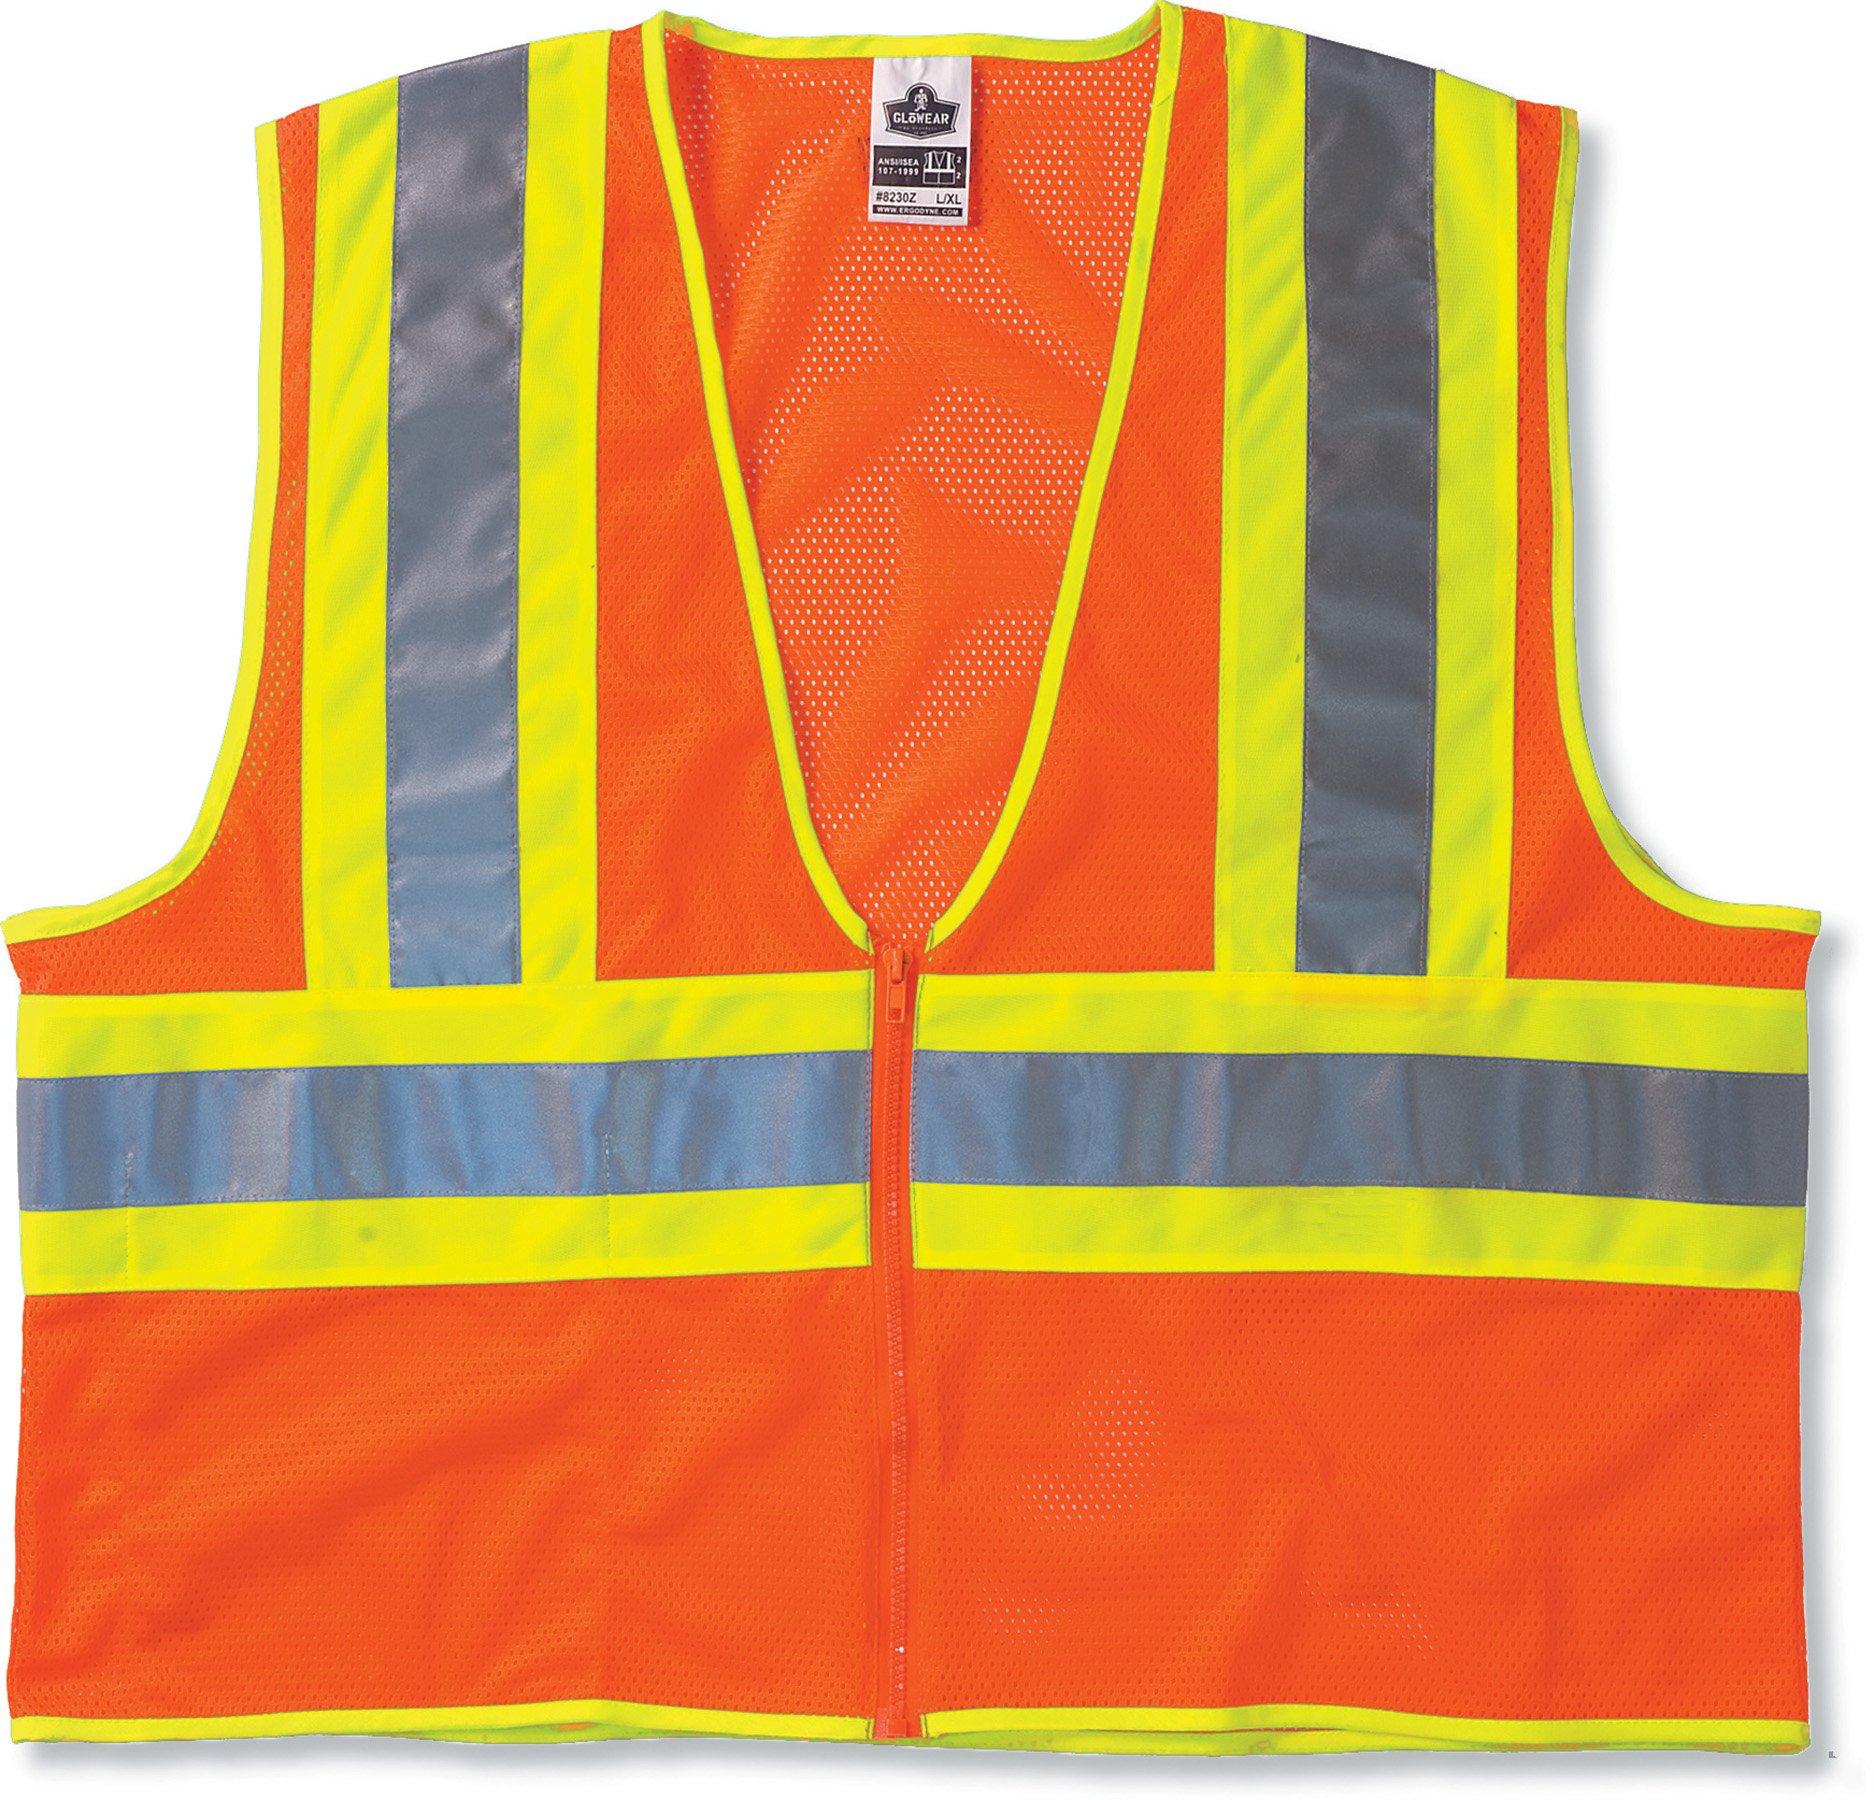 Ergodyne GloWear 8229Z ANSI Economy Two-Tone High Visibility Orange Safety Vest, 2XL/3XL by Ergodyne (Image #1)